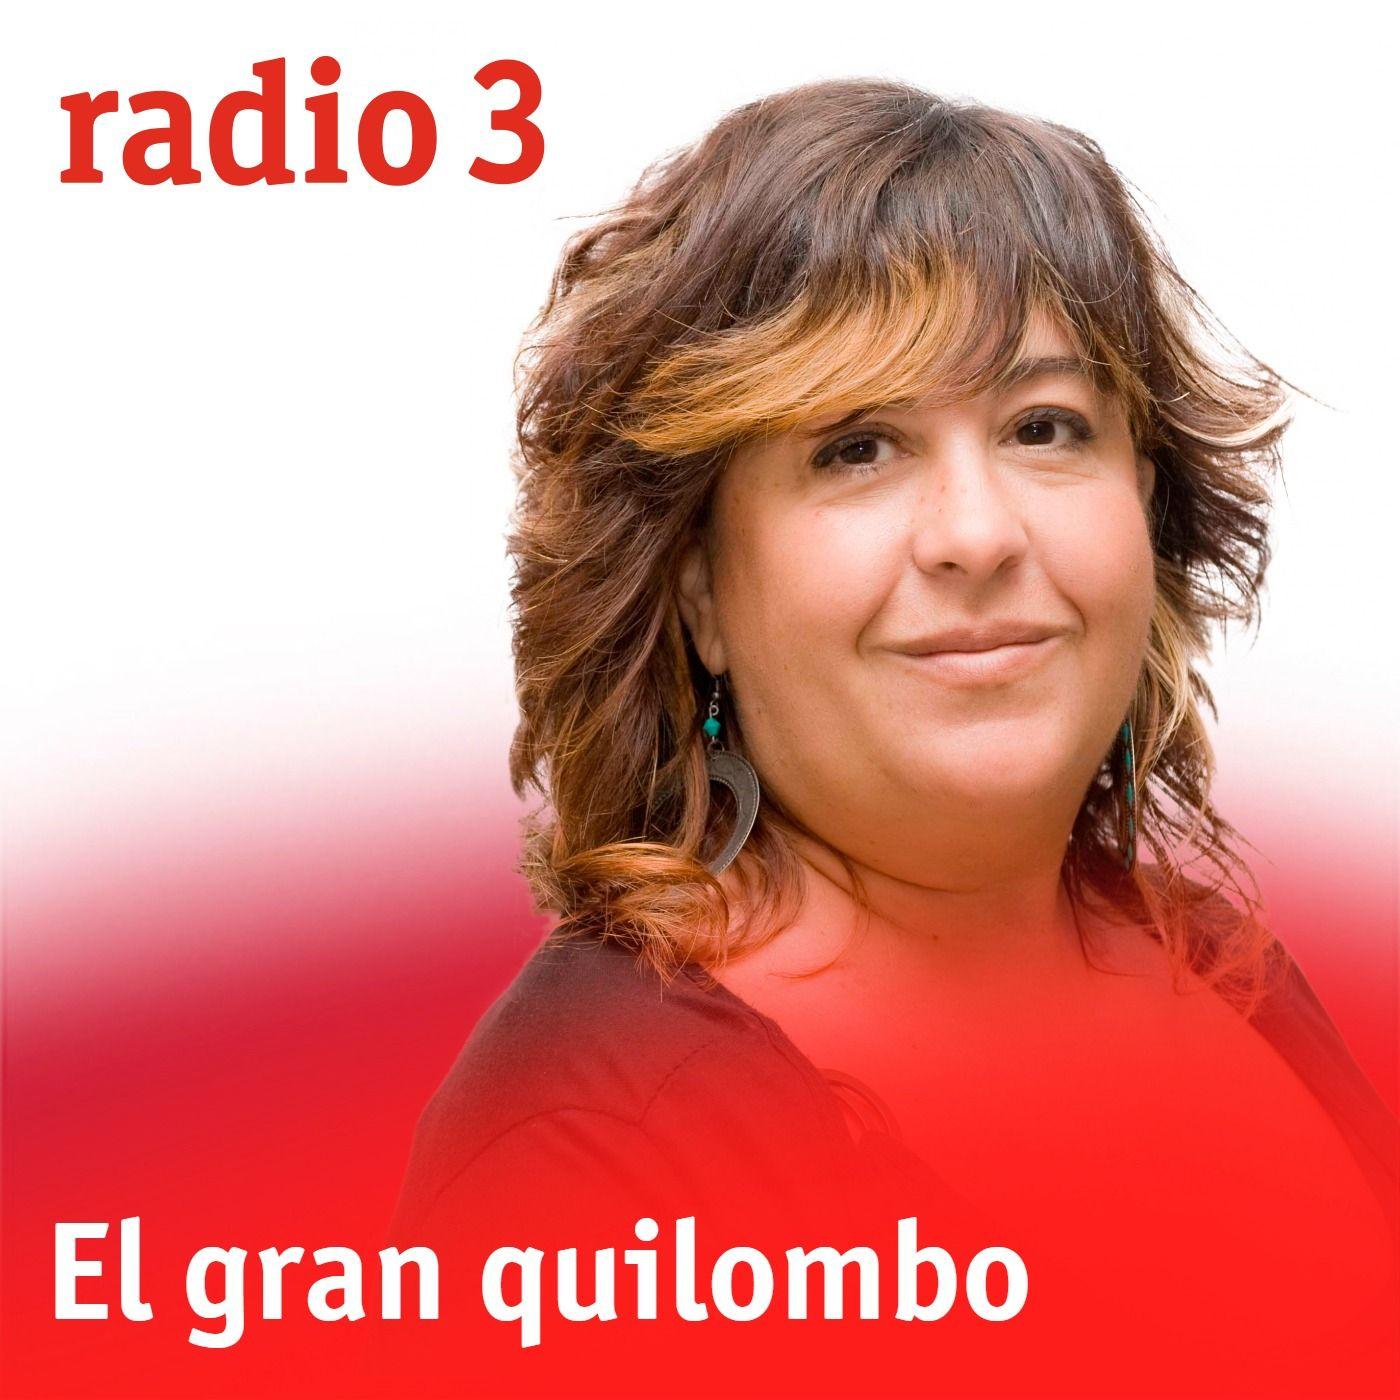 El gran quilombo - Ven al mercat reina! - 19/09/15, El gran quilombo  online, completo y gratis en RTVE.es A la Carta. Todos los programas de El gran quilombo online en RTVE.es A la Carta